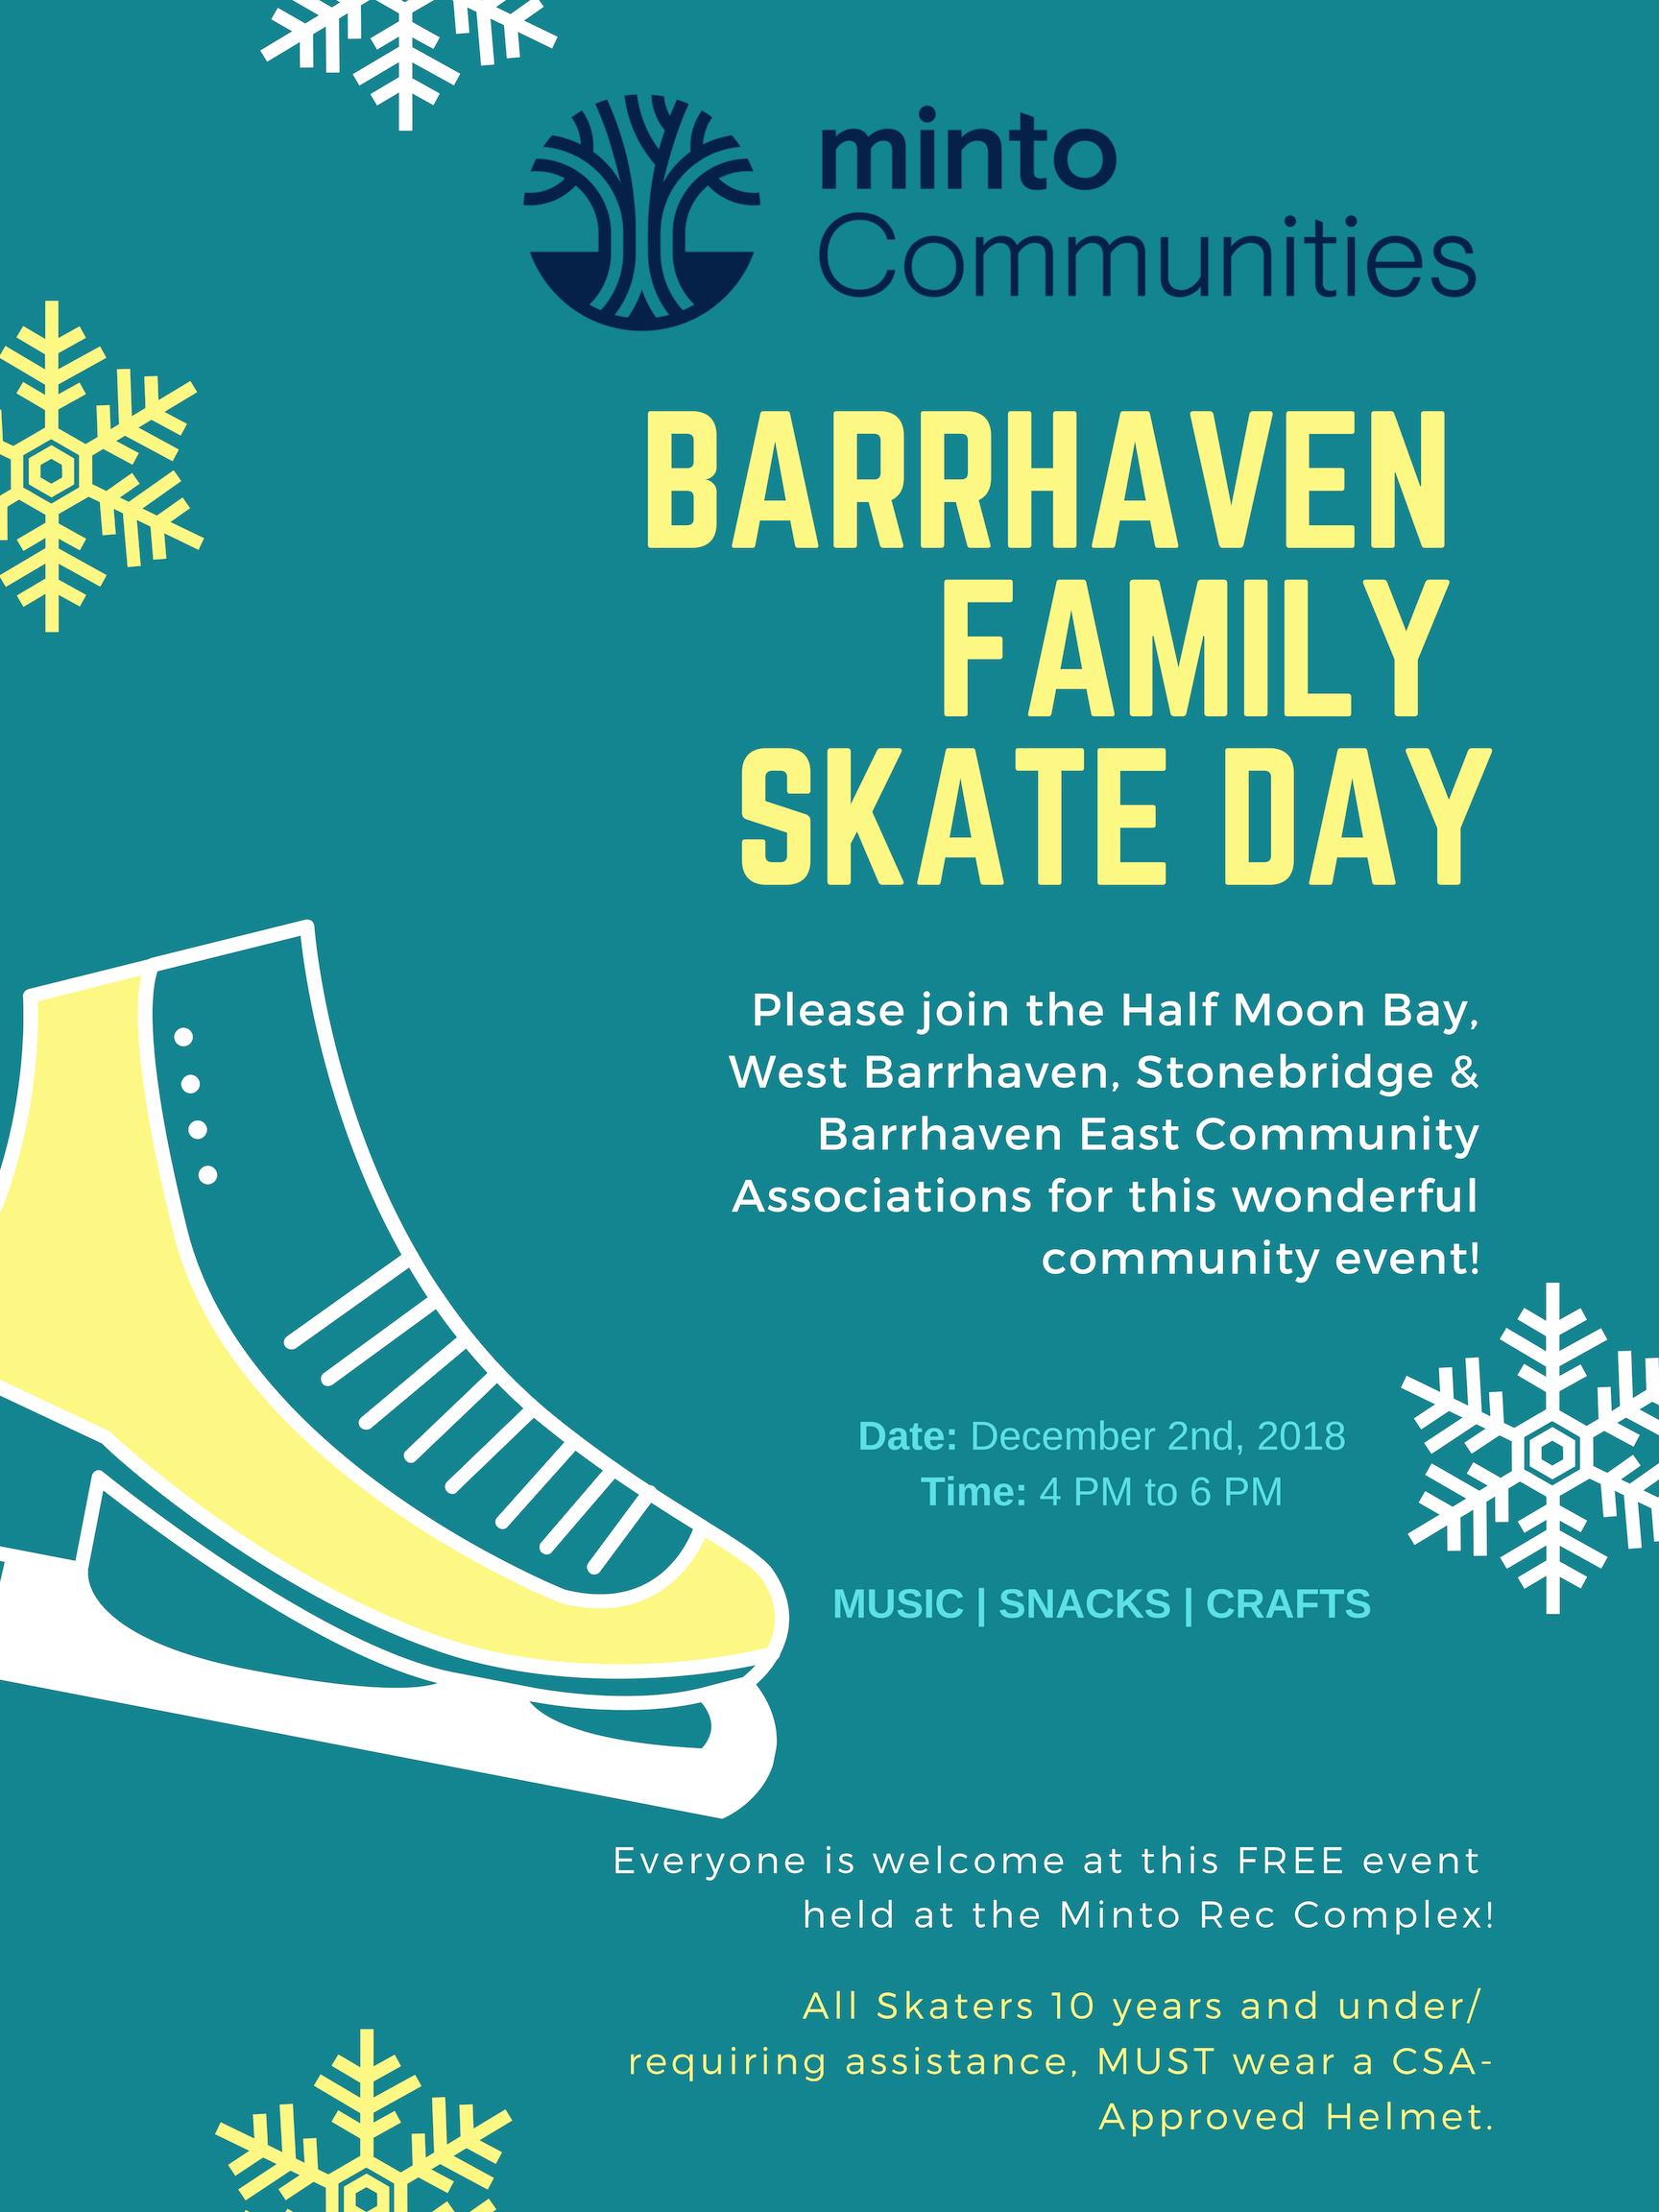 Barrhaven Family Skate Day